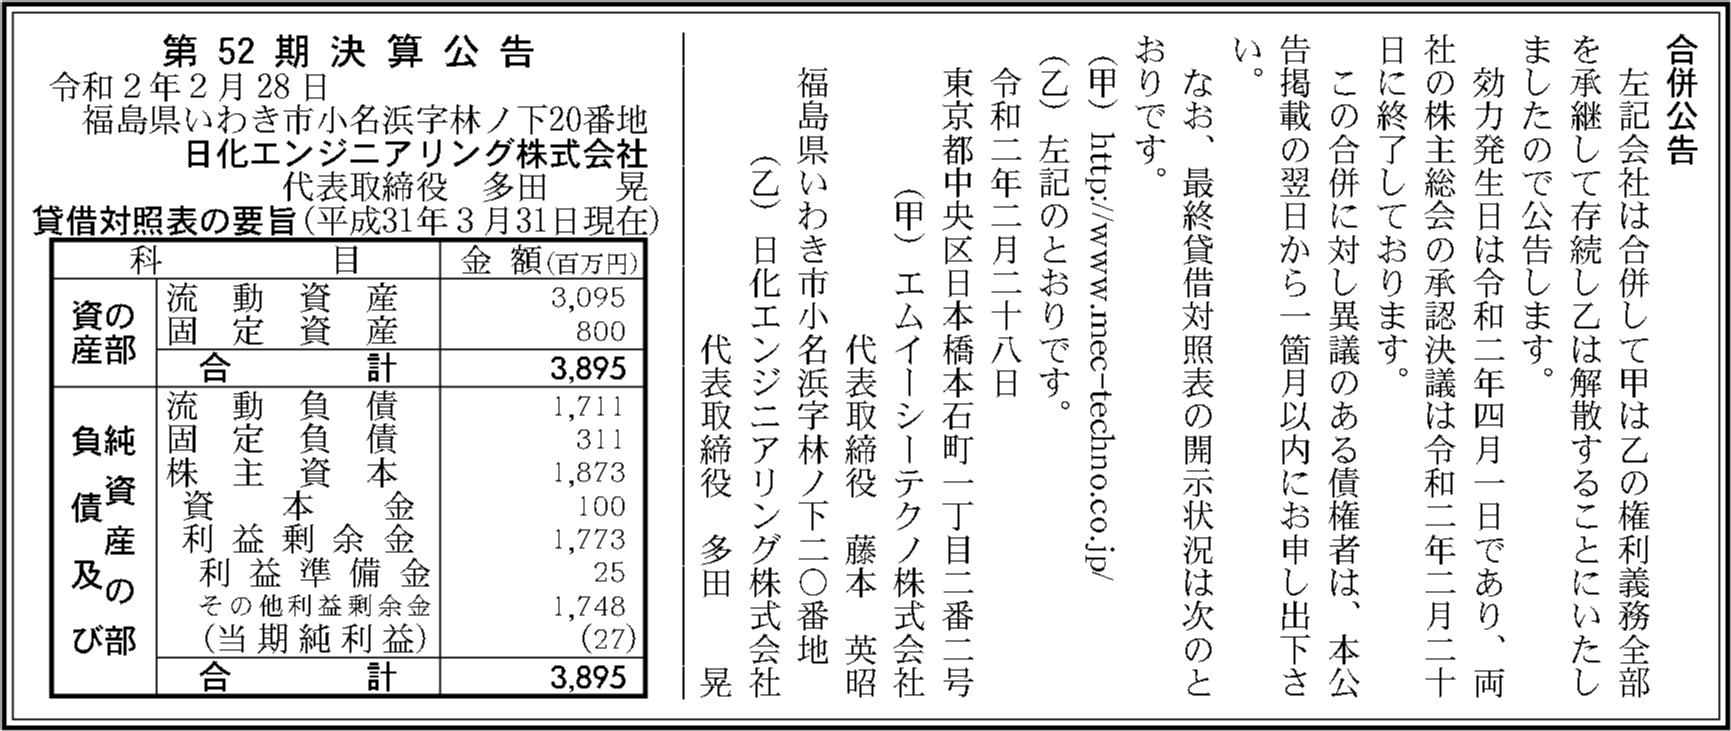 0272 f0ca2101d3e173dadc77f3b3d5e3ce8a43e8529fc03e2fb9404033c3af3174721329257782472db121cc4c1204c1f897737ca37ef45c01eff83caba5b344c577 04